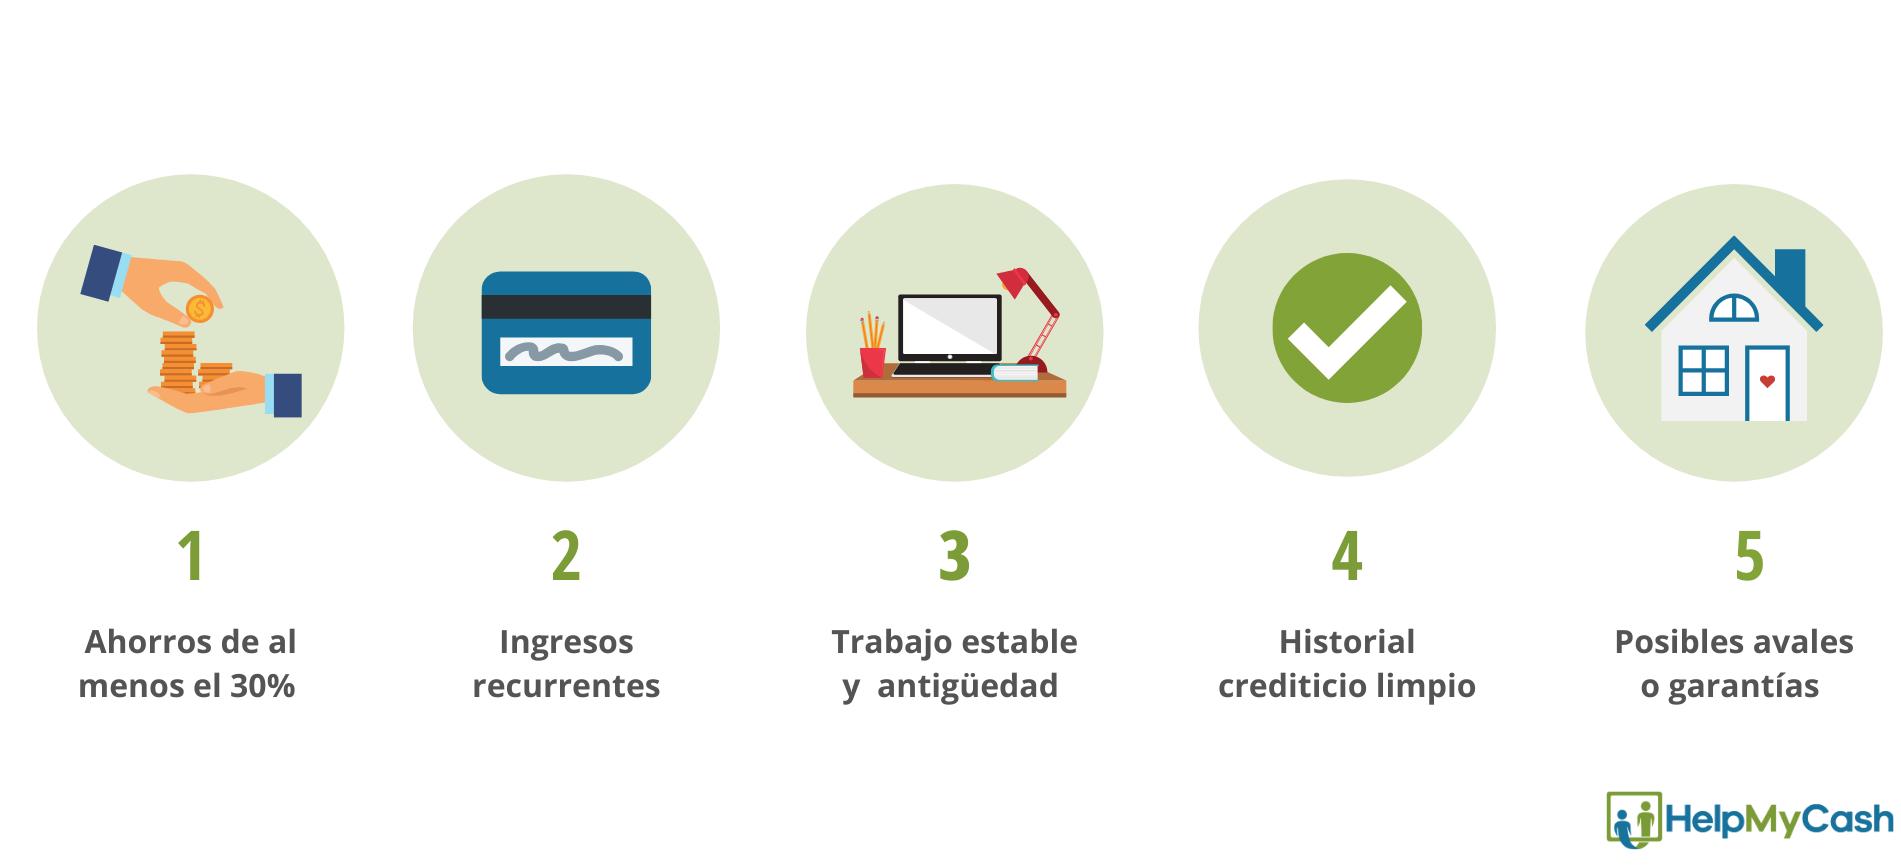 Condiciones para conseguir una hipoteca: ahorros, ingresos, trabajo estable, buen historial y posibles avales